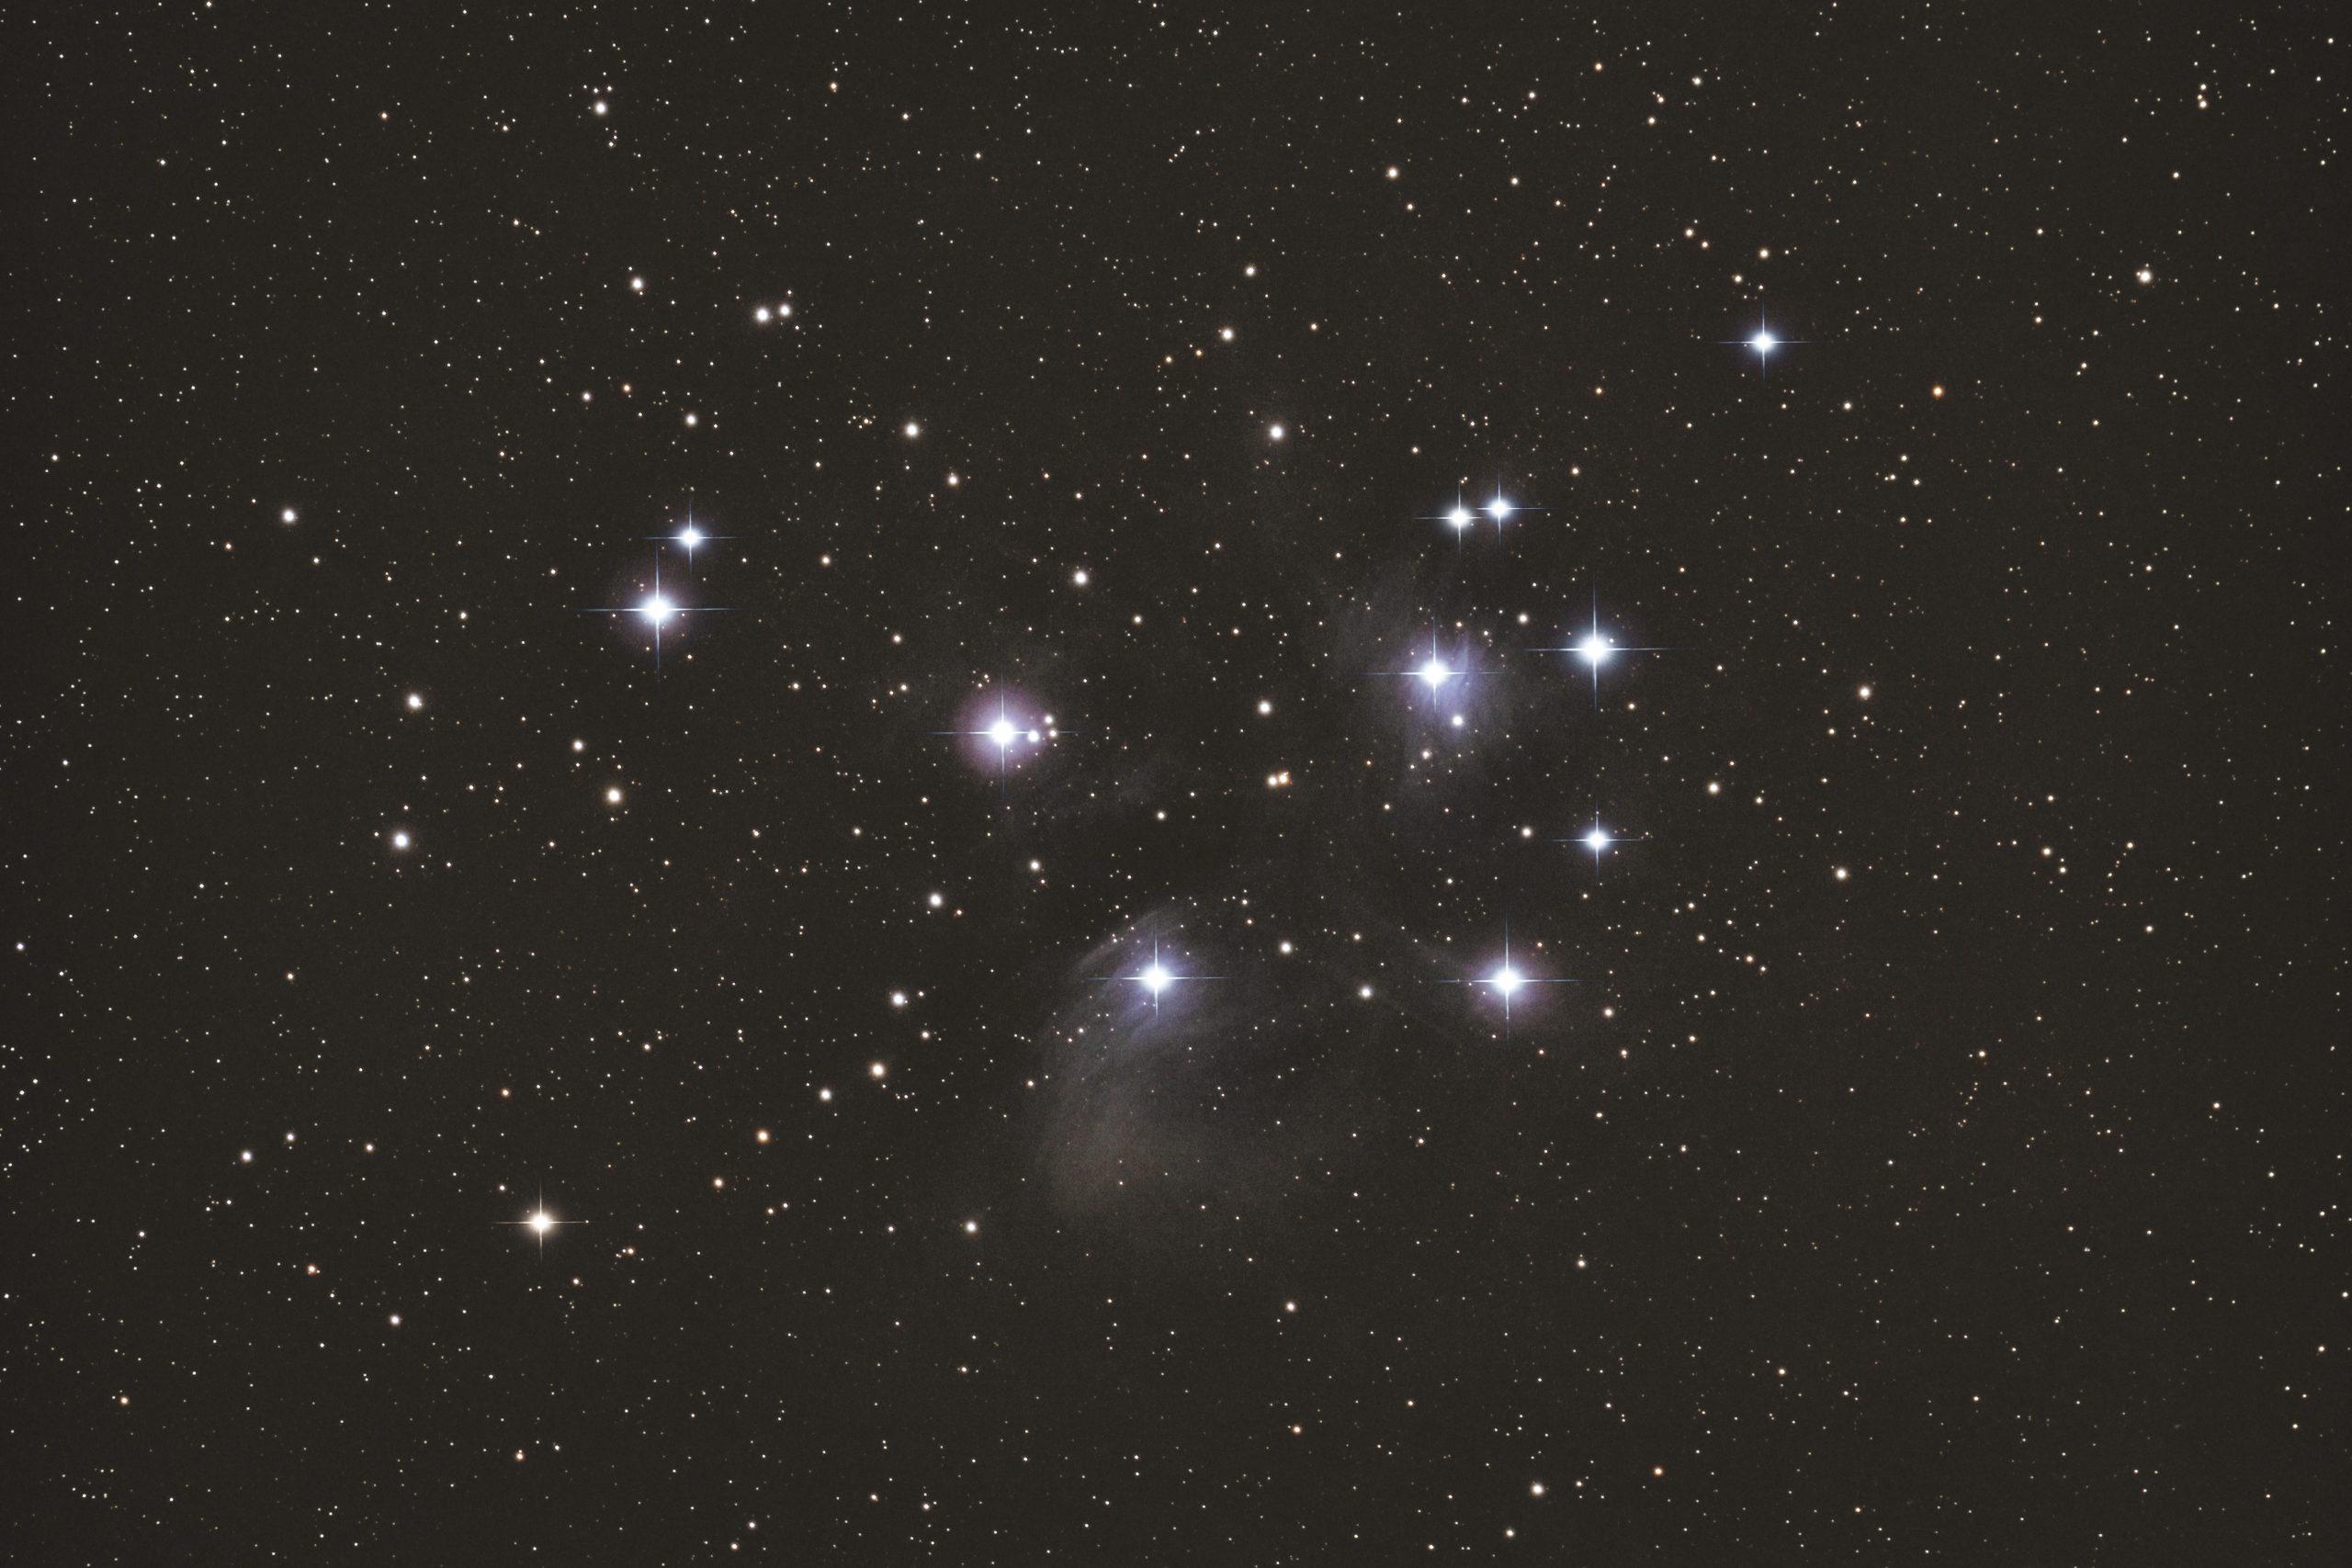 estrella sgalaxia